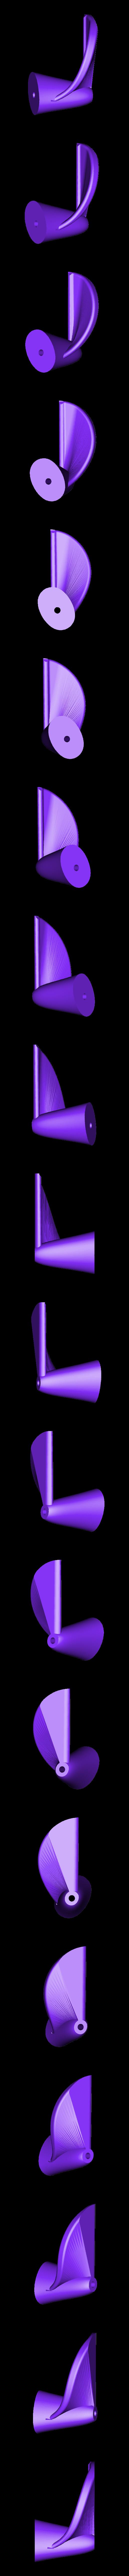 Whopper2.stl Télécharger fichier STL gratuit Mini leurre de pêche Whopper Plopper (une pièce) • Objet imprimable en 3D, Domi1988